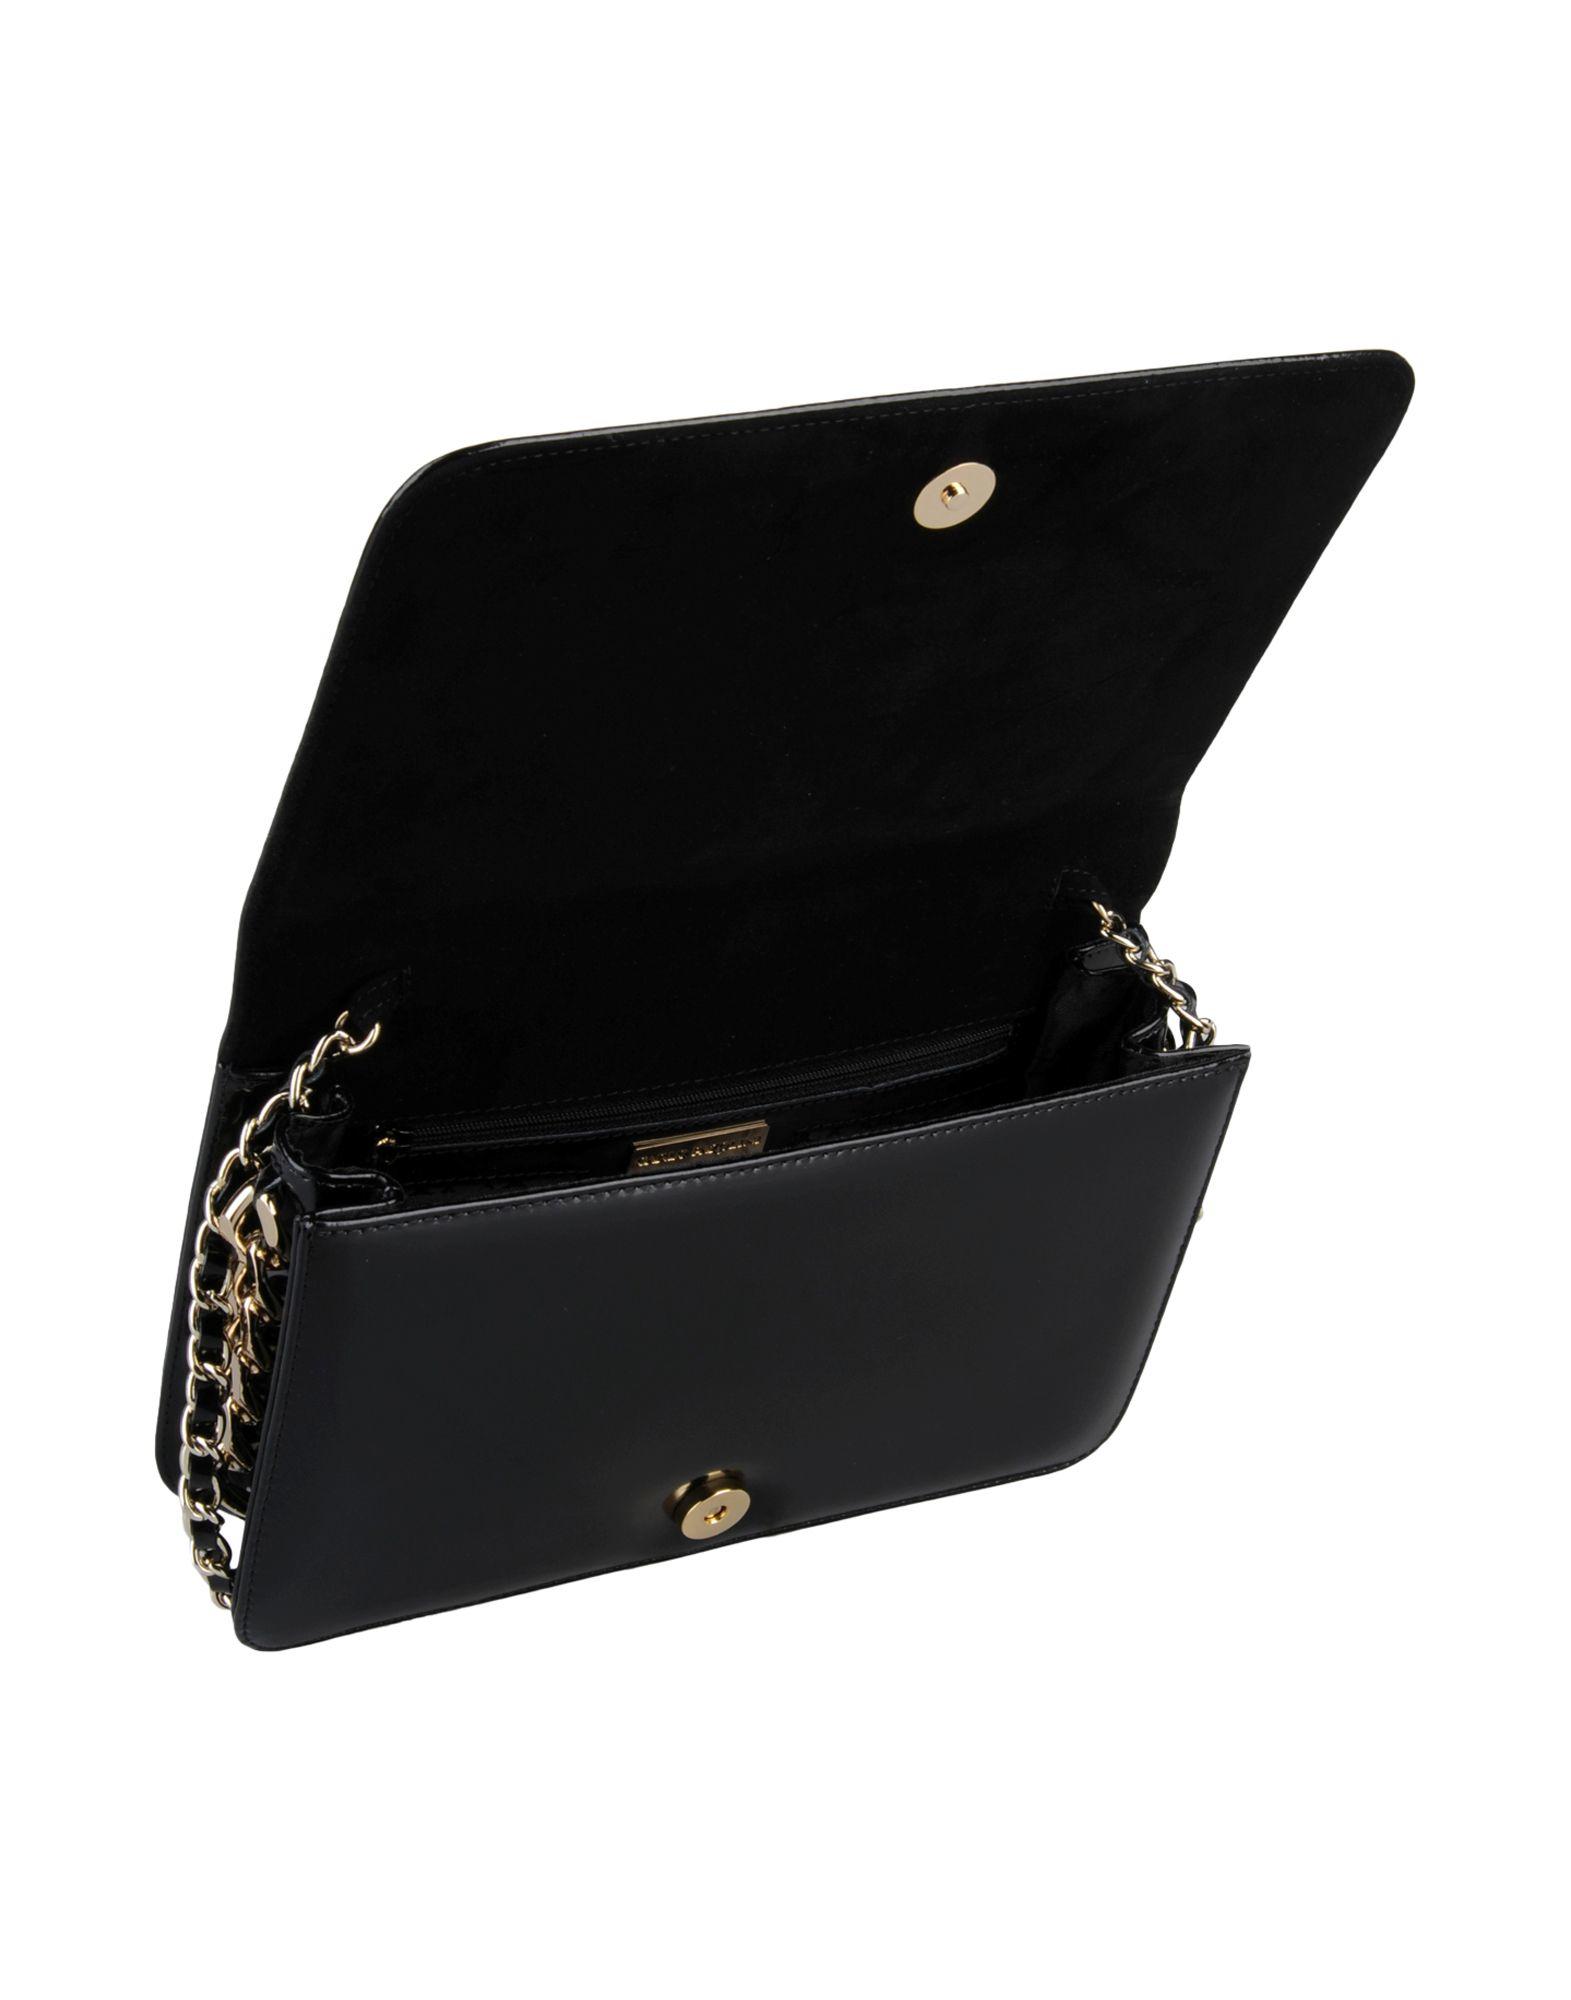 Carlo Pazolini Cross-body Bag in Black